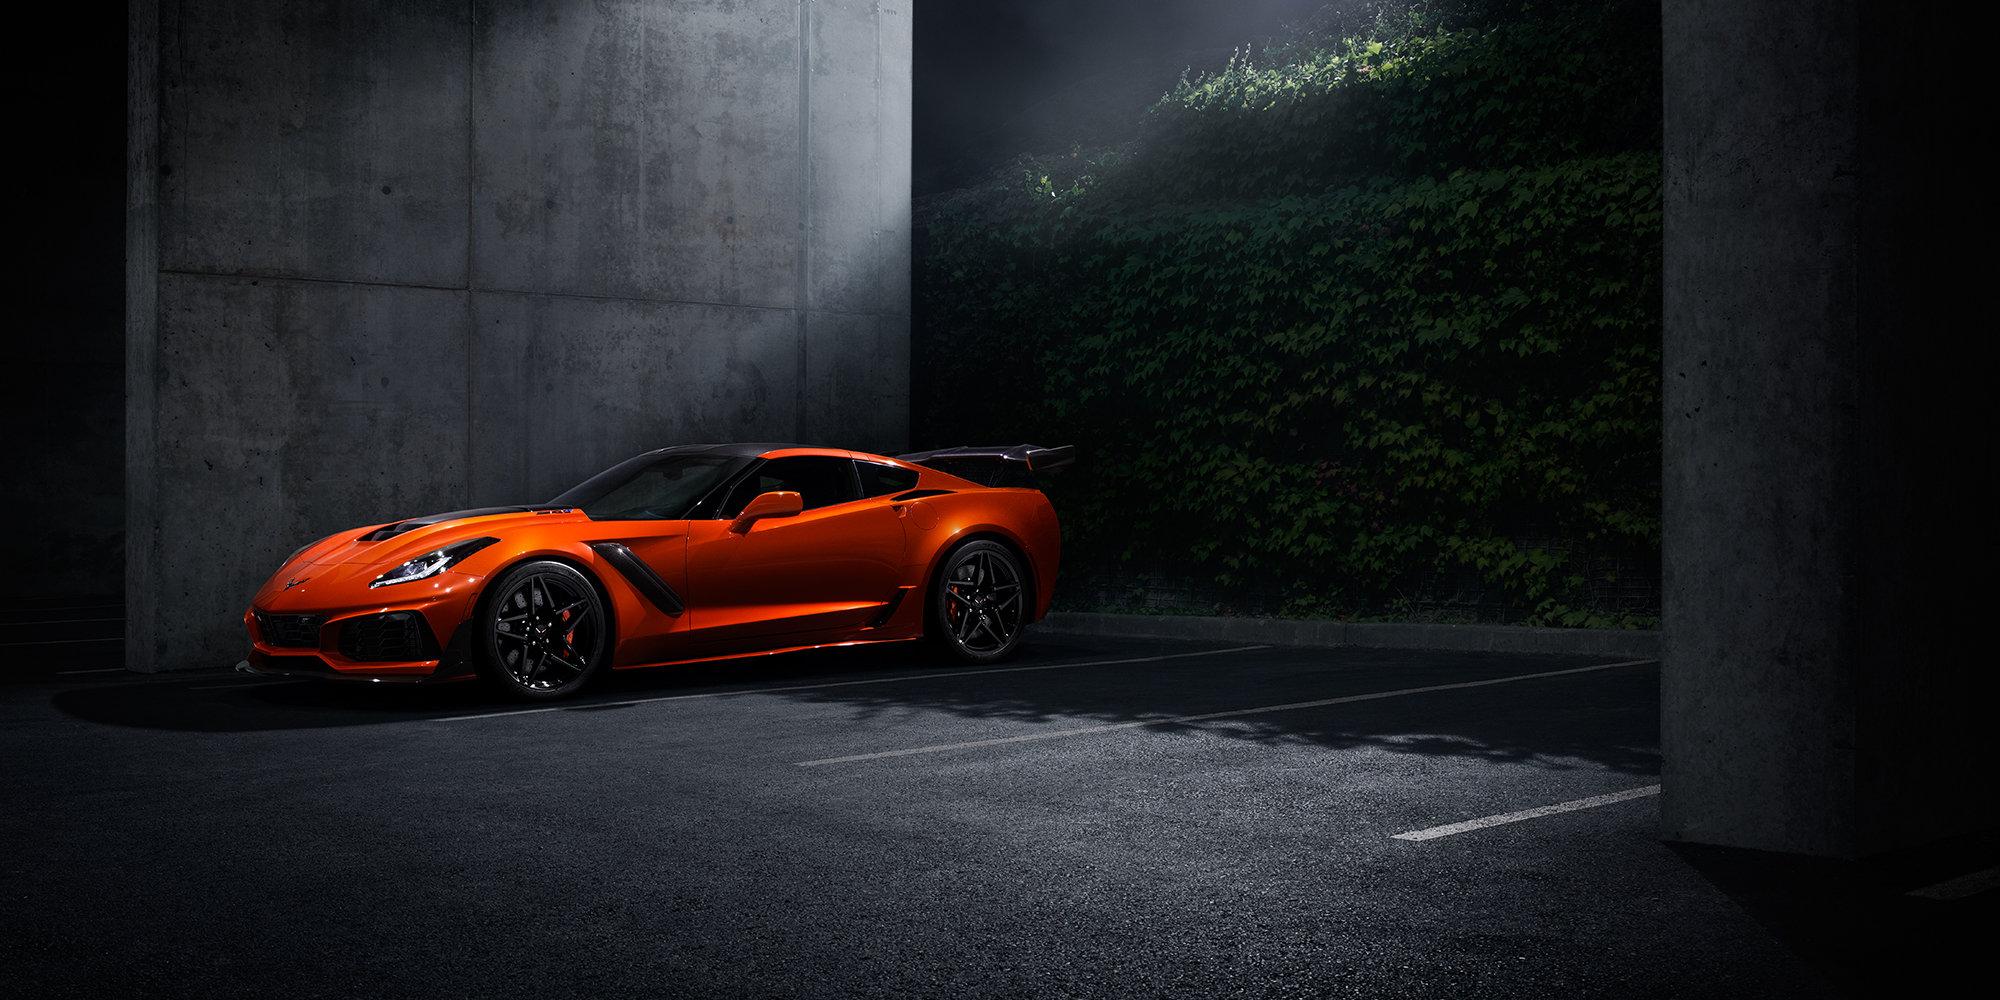 2019 Corvette Zr1 >> 2019 Corvette Zr1 Orange Color In Night Under Moon